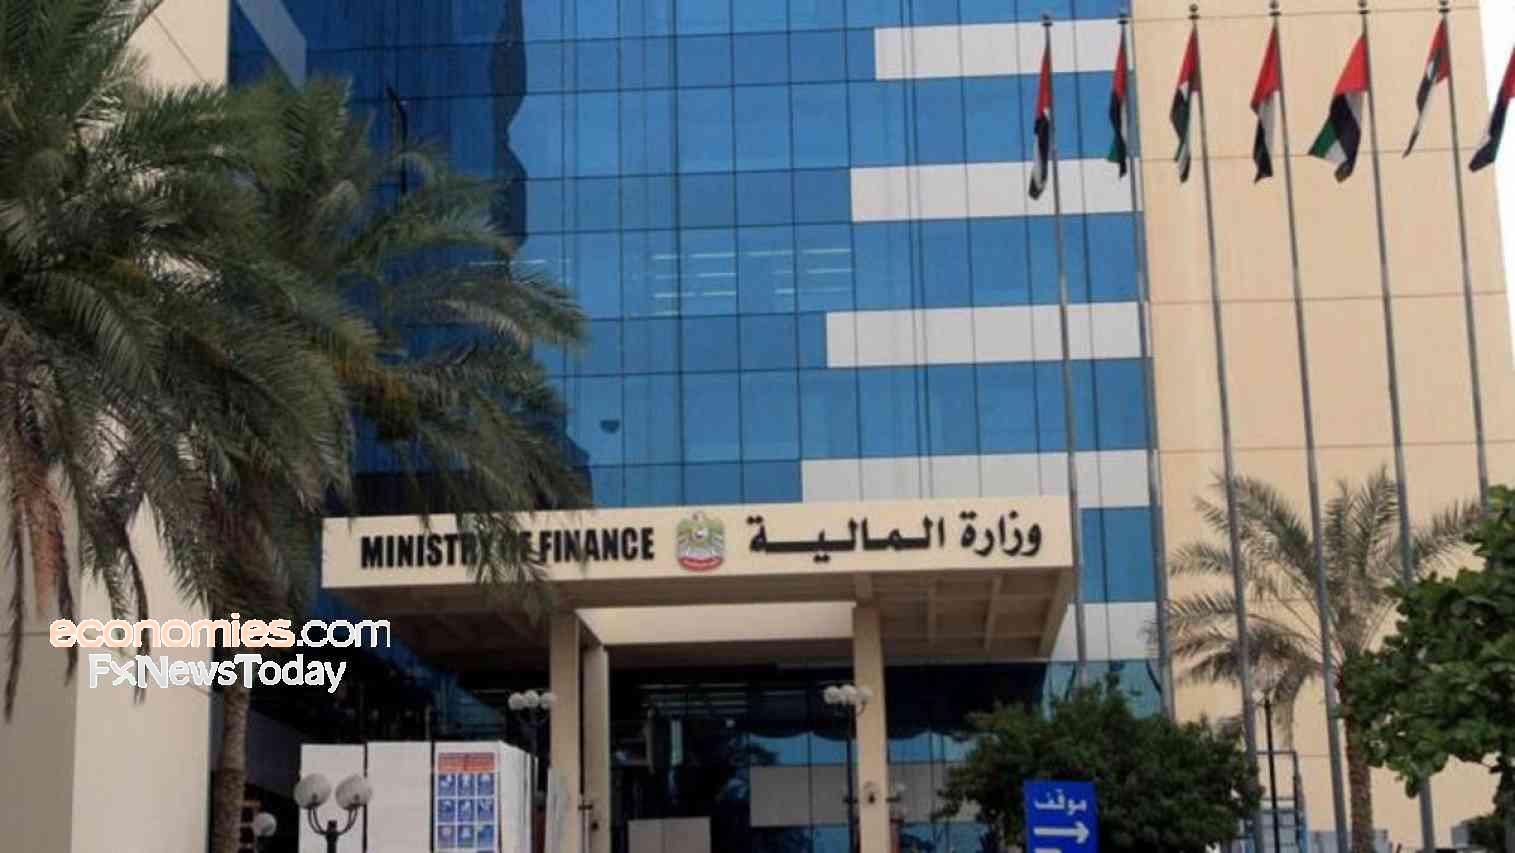 الإمارات تتوسع بفرض الضريبة الانتقائية للسلع